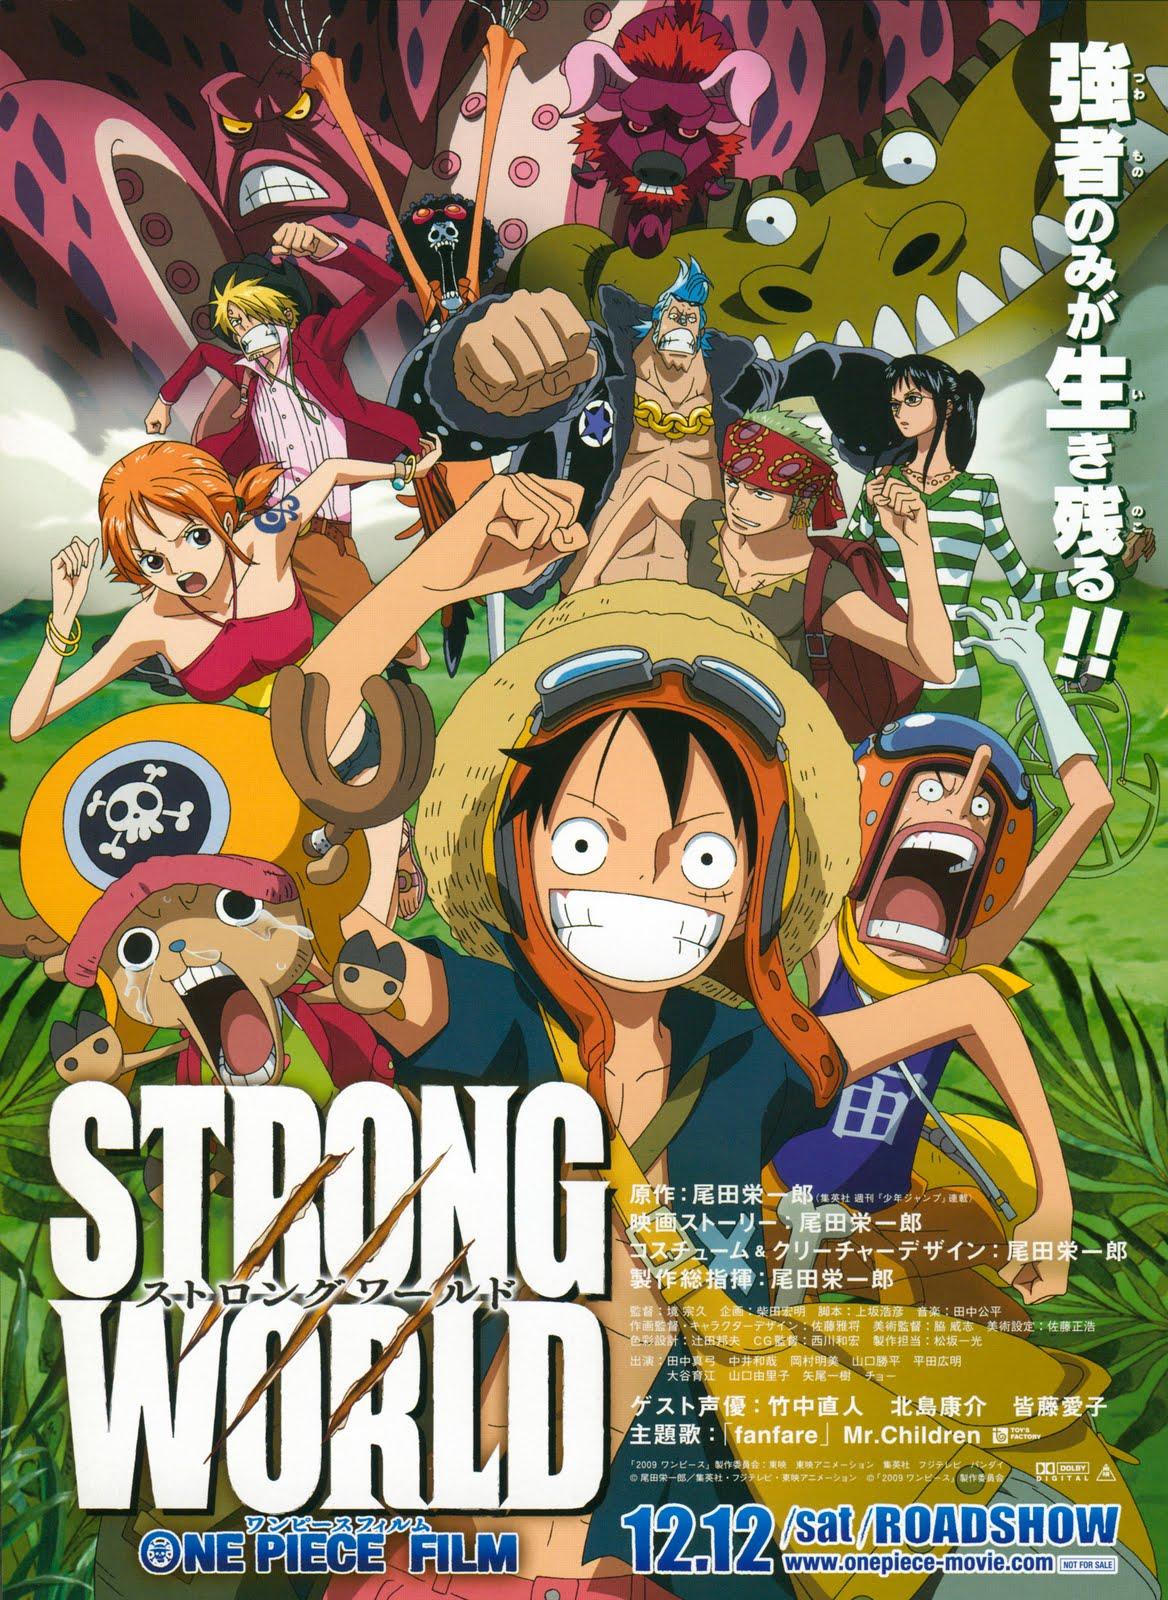 Anime One Piece Movie